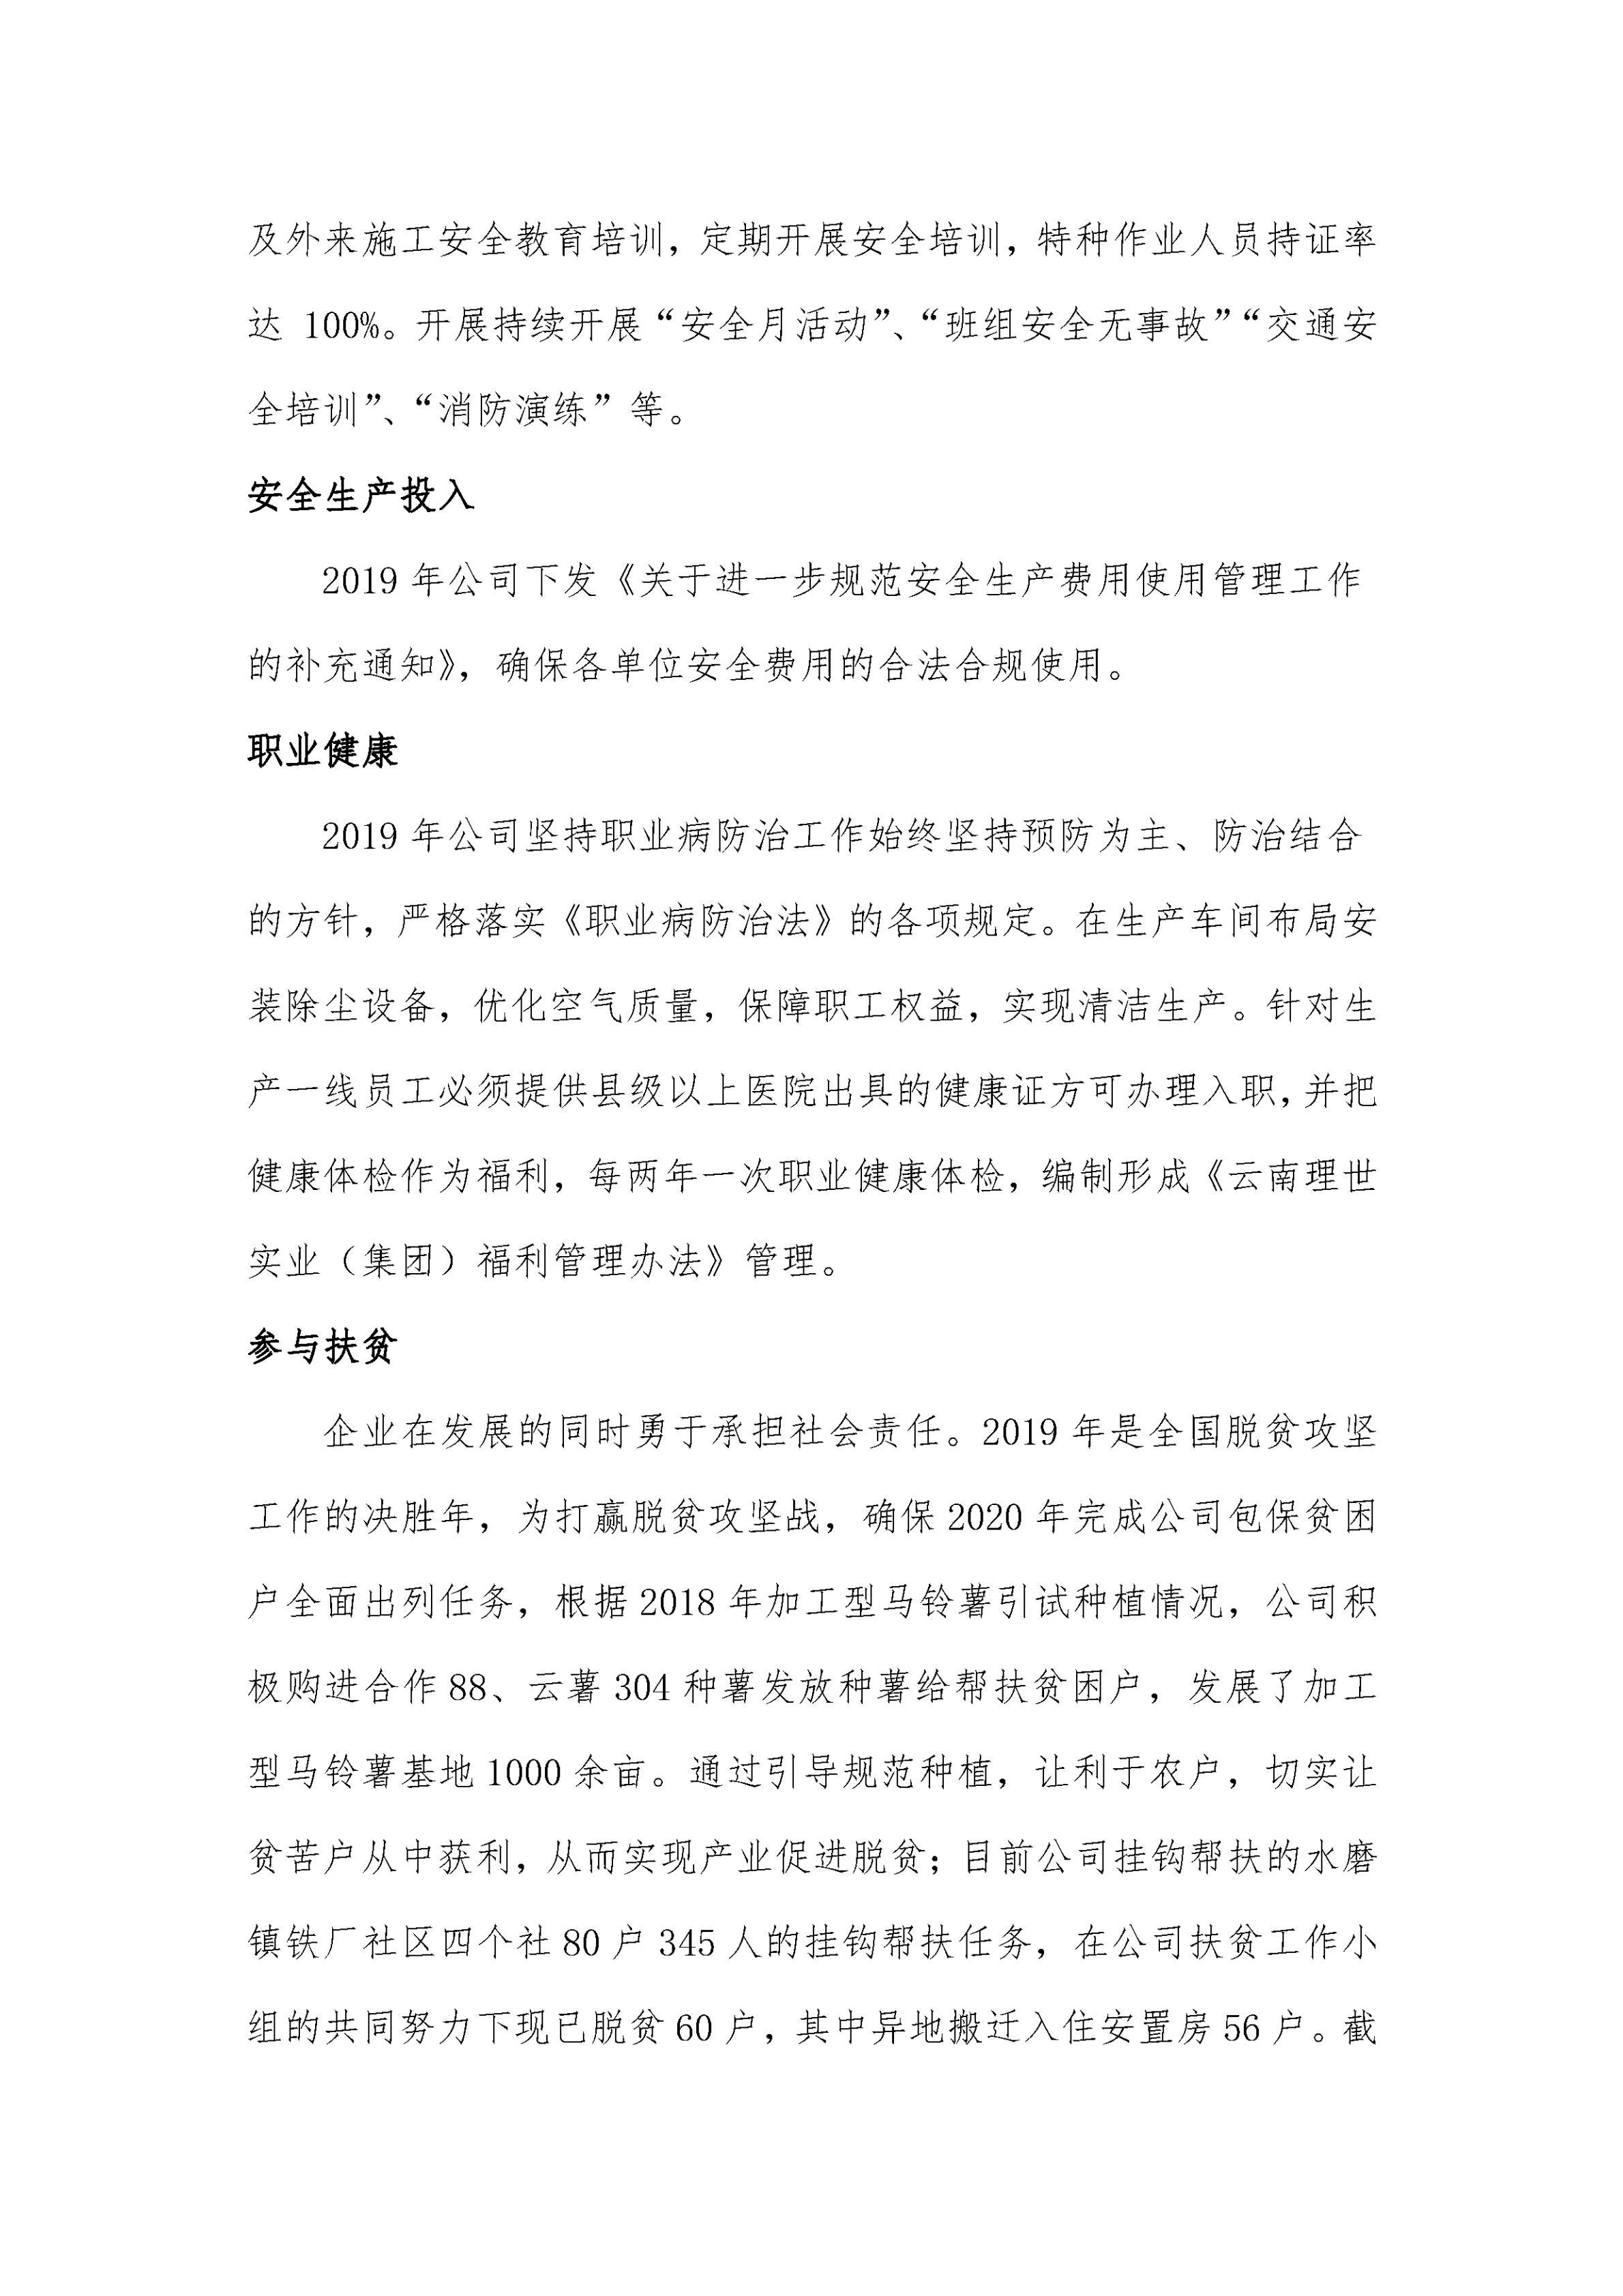 云南理世实业(集团)有限责任公司2019年社会责任报告.FR11_09.jpg